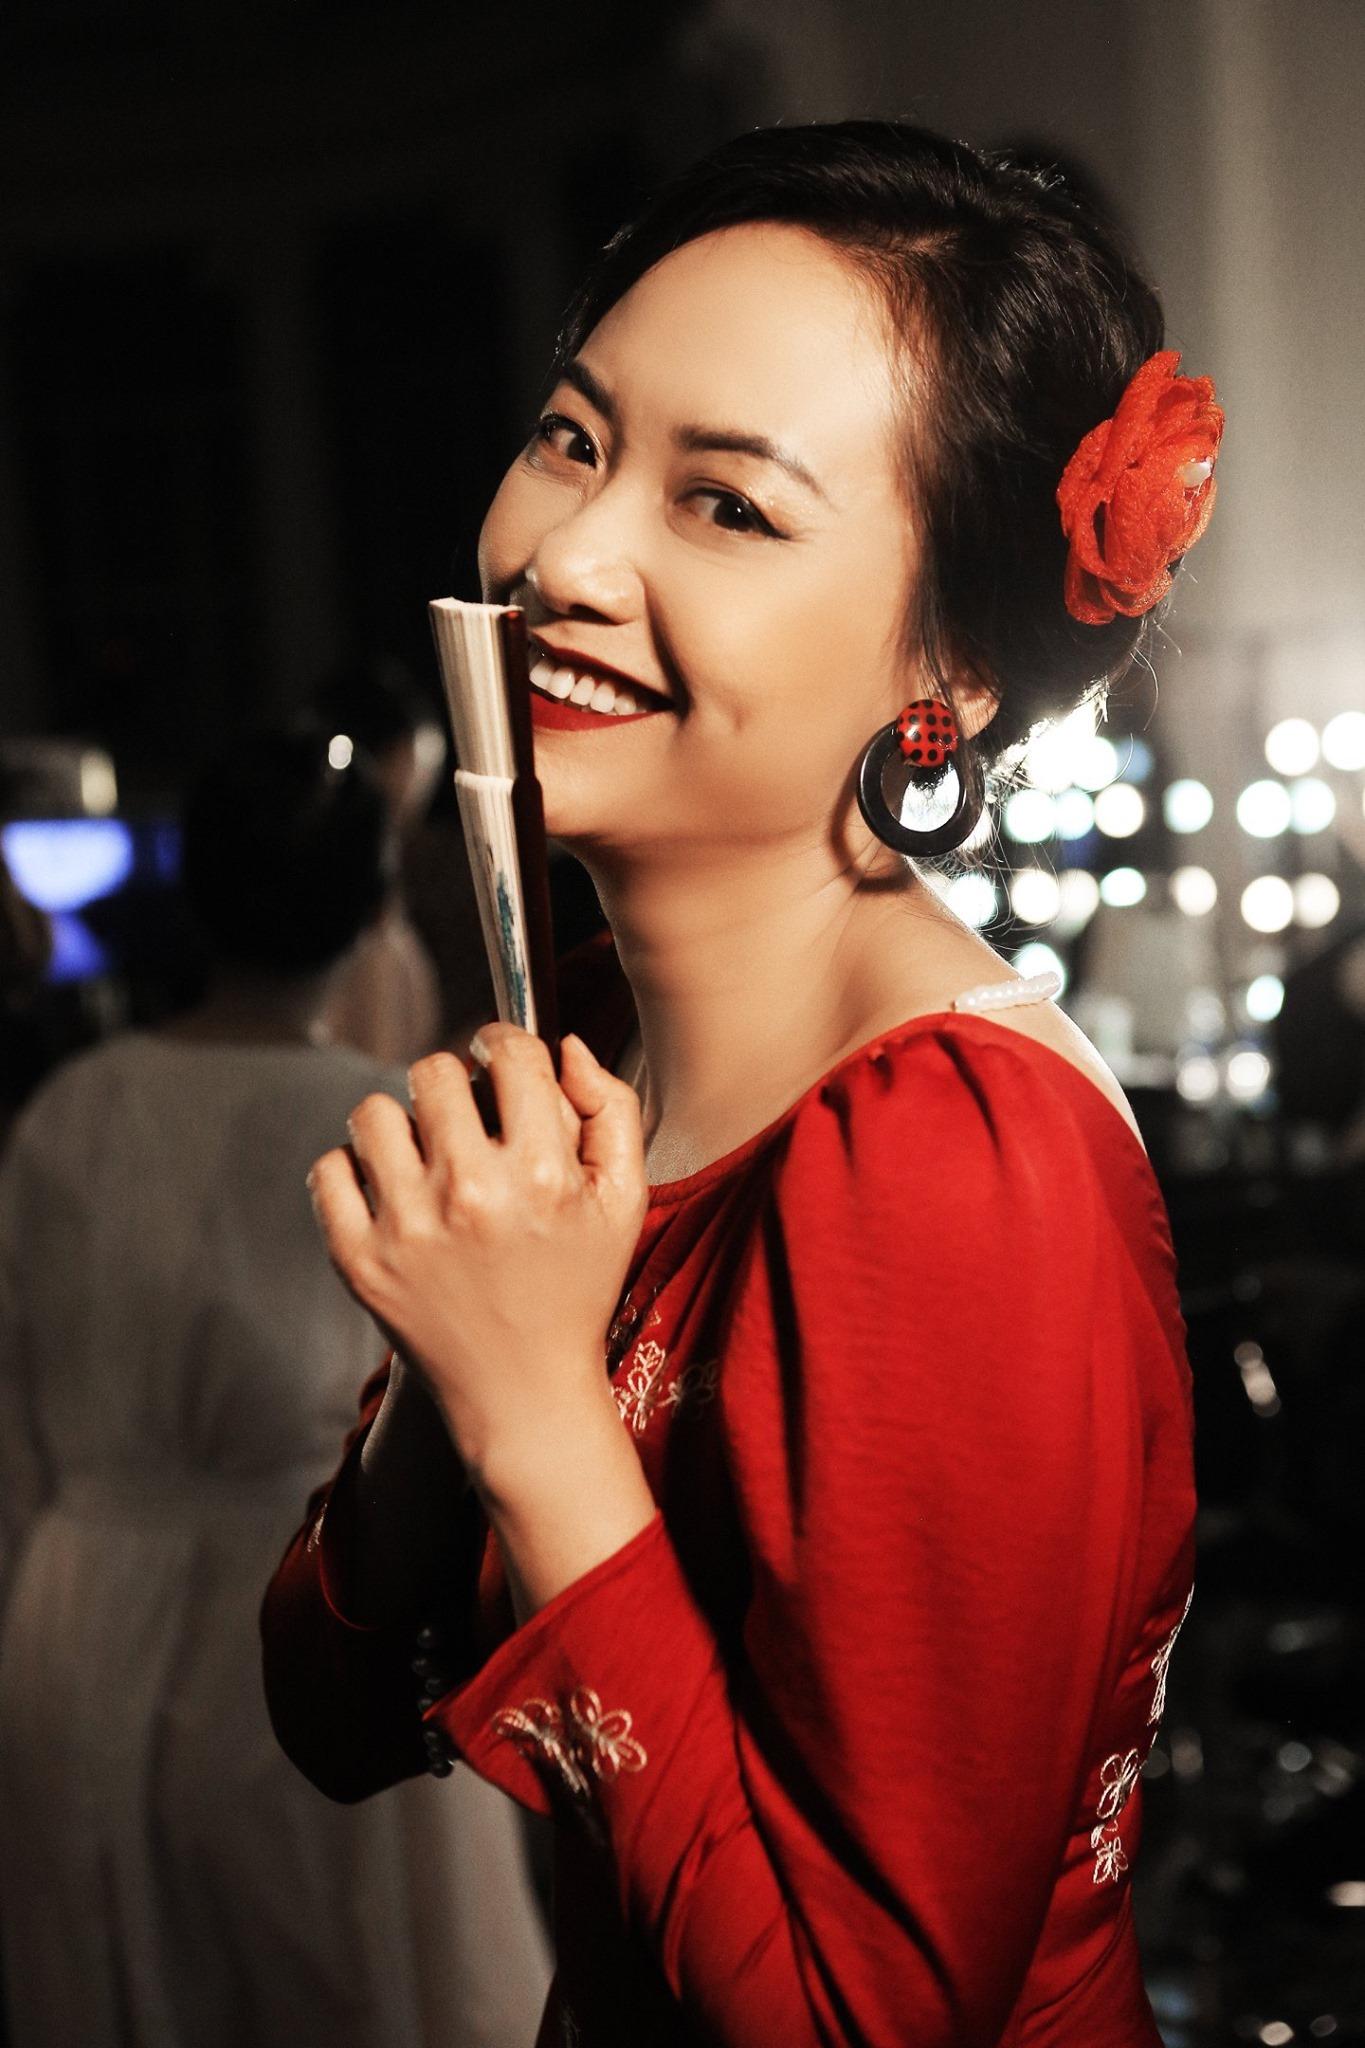 Hồng Ánh: Buông bỏ nhau khi nguội lạnh, không còn thương...